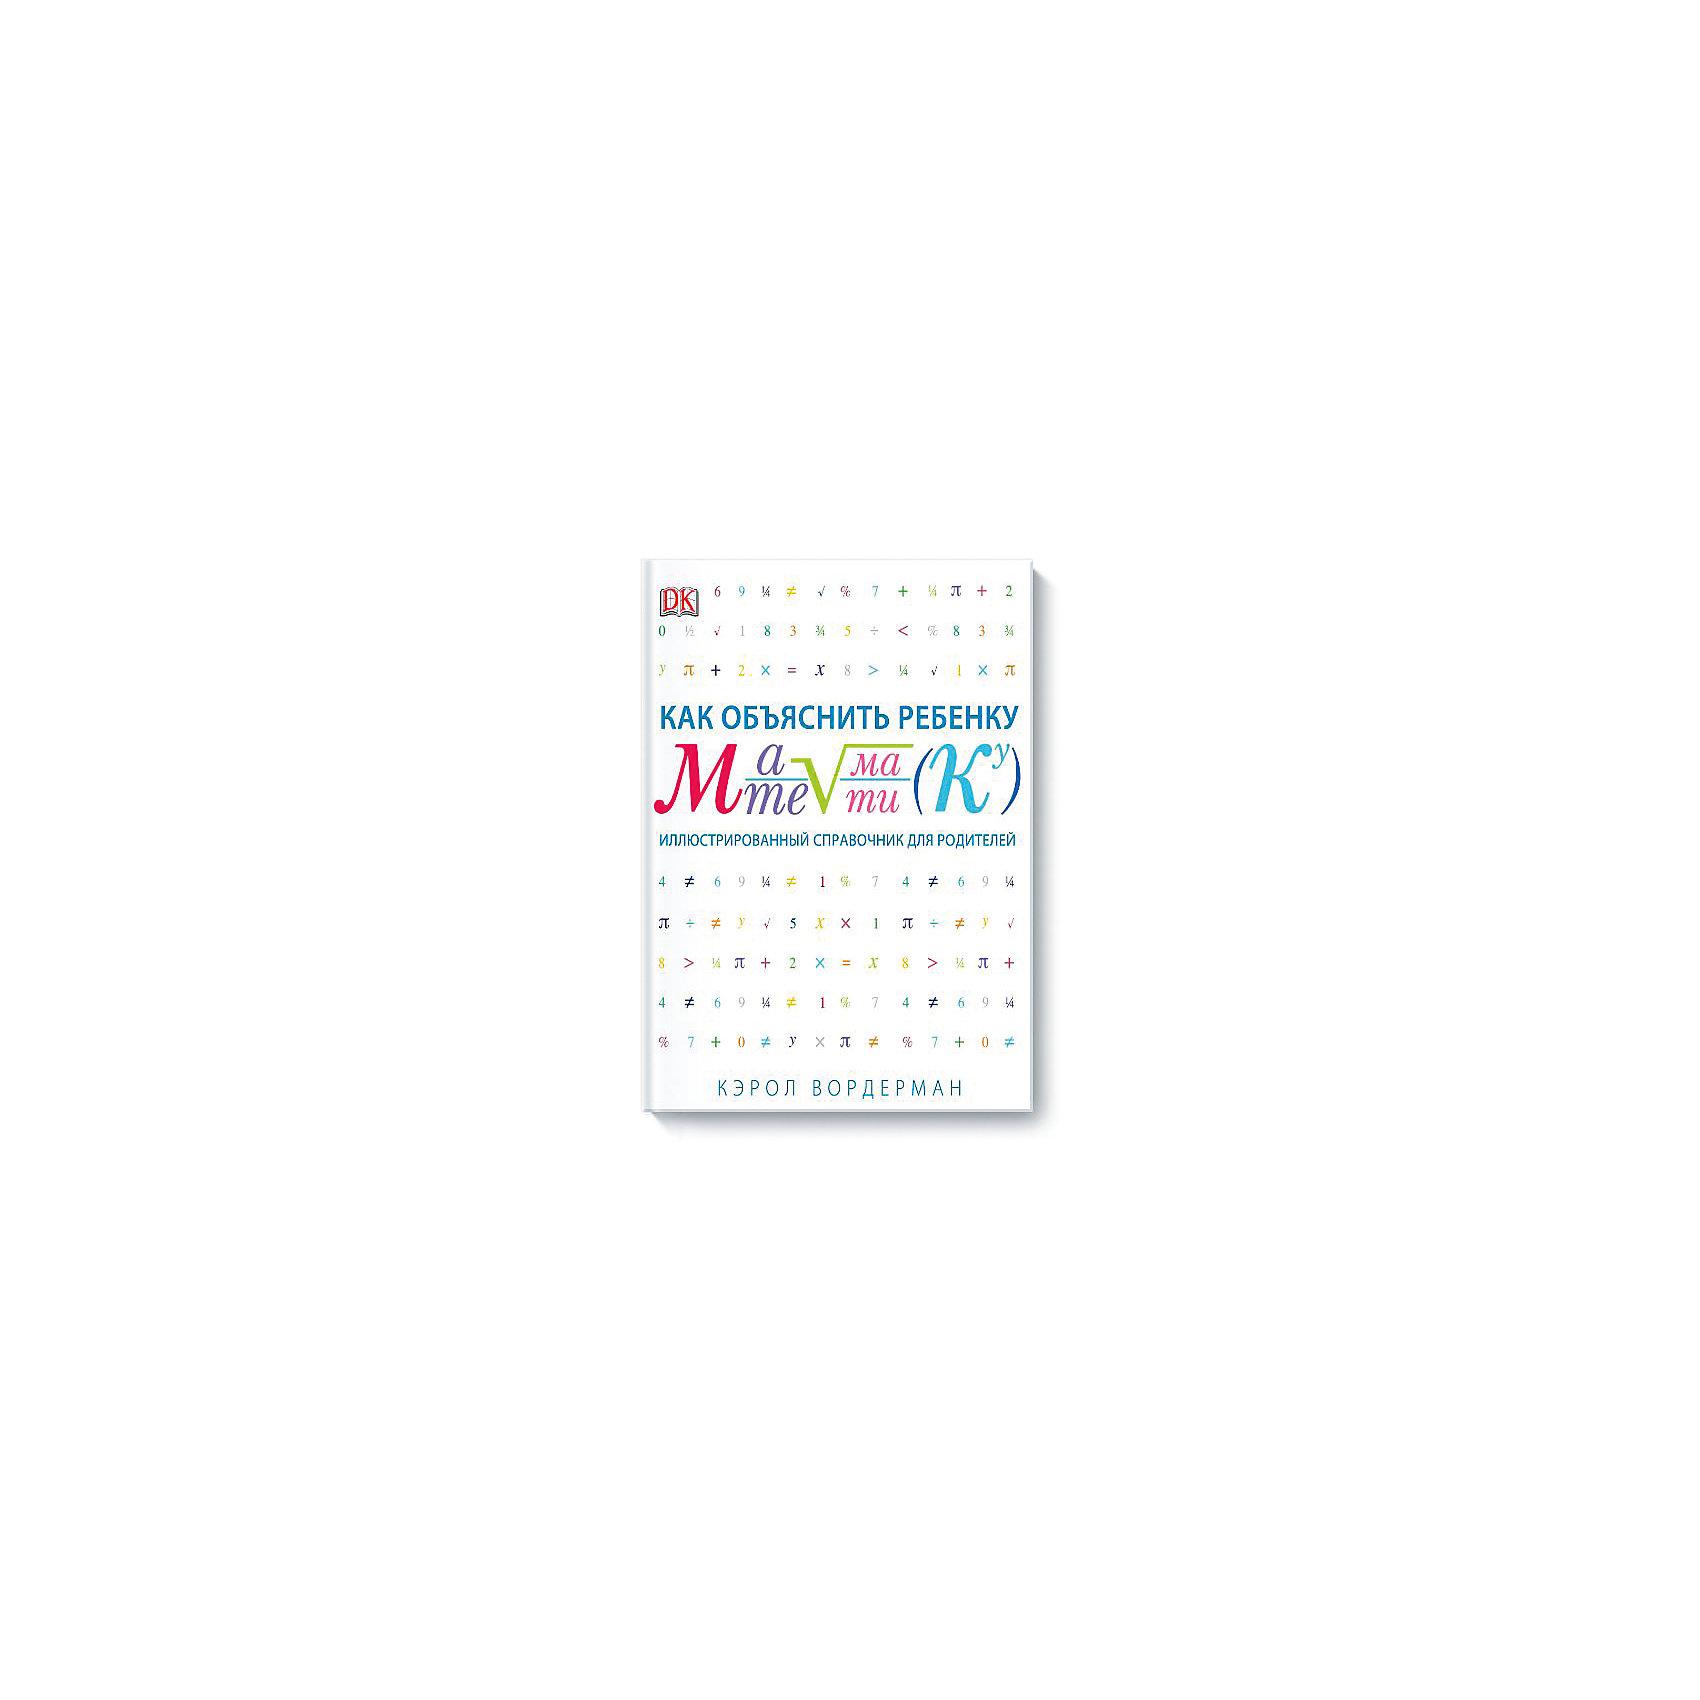 Книга Как объяснить ребенку математику: Иллюстрированный справочник для родителейКнига написана в помощь родителям, которые не знают, как объяснить детям основные понятия математики, геометрии, тригонометрии, статистики.  Здесь в доступной, наглядной форме излагается теоретический материал, с которым знакомятся дети в начальной и средней школе.<br><br>Ширина мм: 240<br>Глубина мм: 200<br>Высота мм: 180<br>Вес г: 665<br>Возраст от месяцев: 192<br>Возраст до месяцев: 1188<br>Пол: Унисекс<br>Возраст: Детский<br>SKU: 5535118